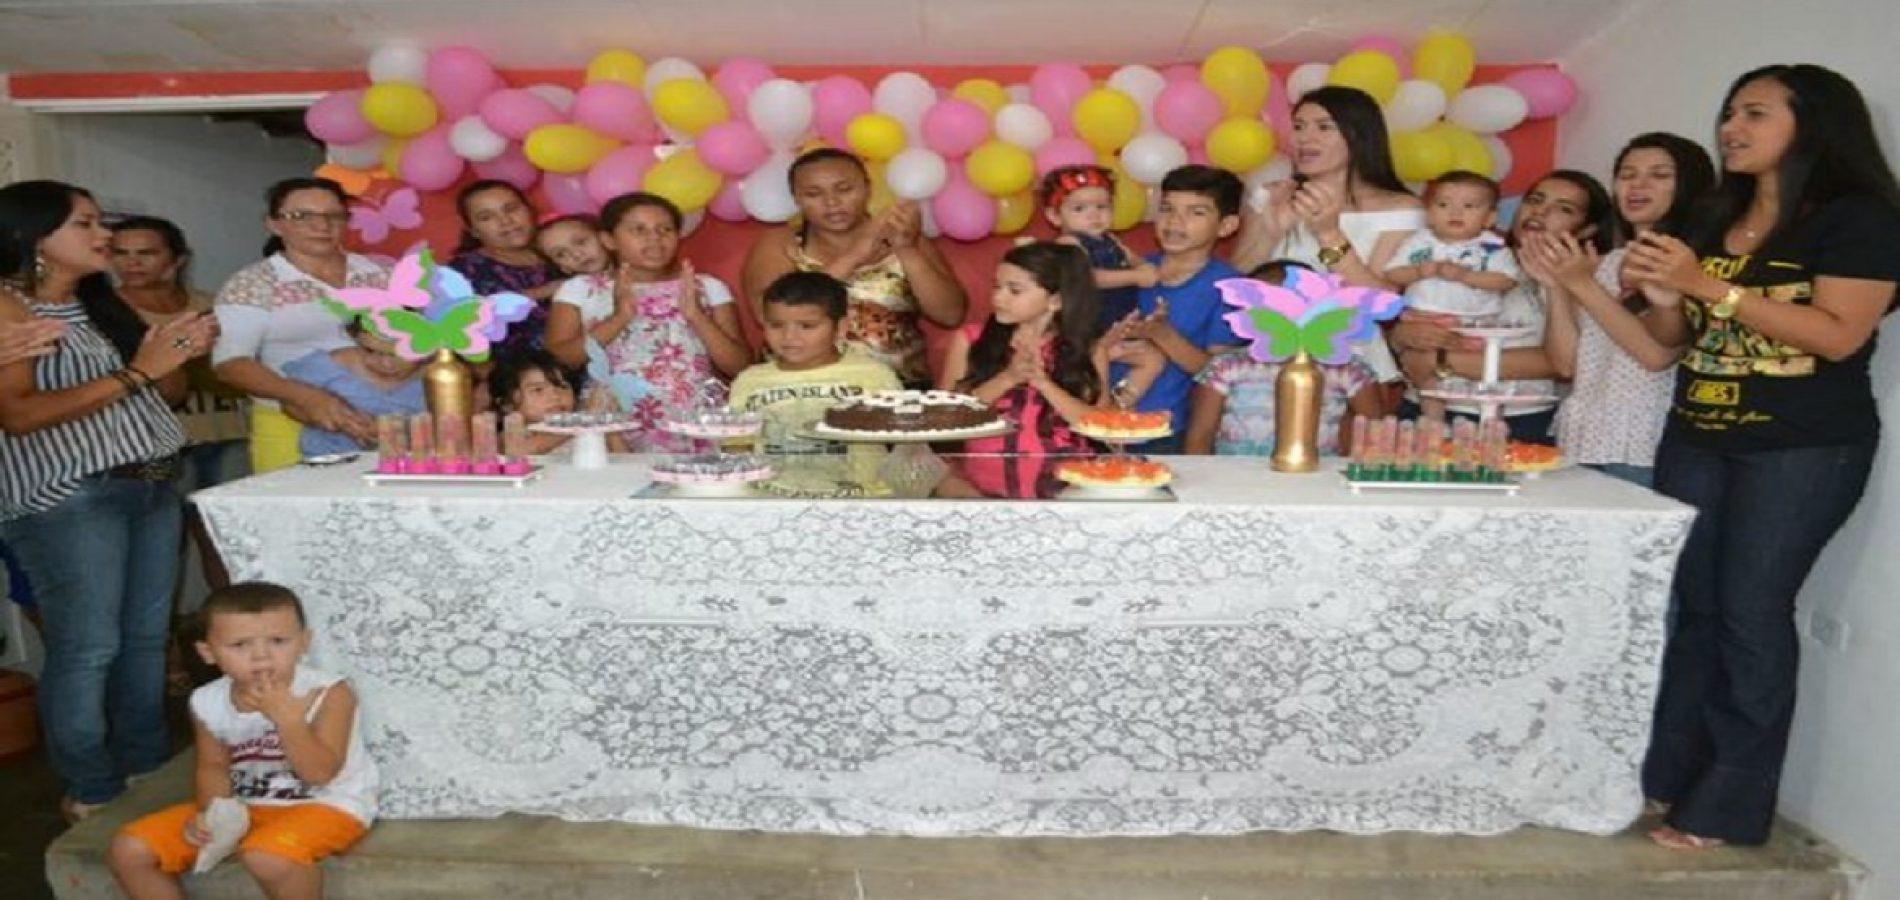 ALEGRETE   Núcleo de Apoio a Saúde da Família realiza festa do Dia da Criança